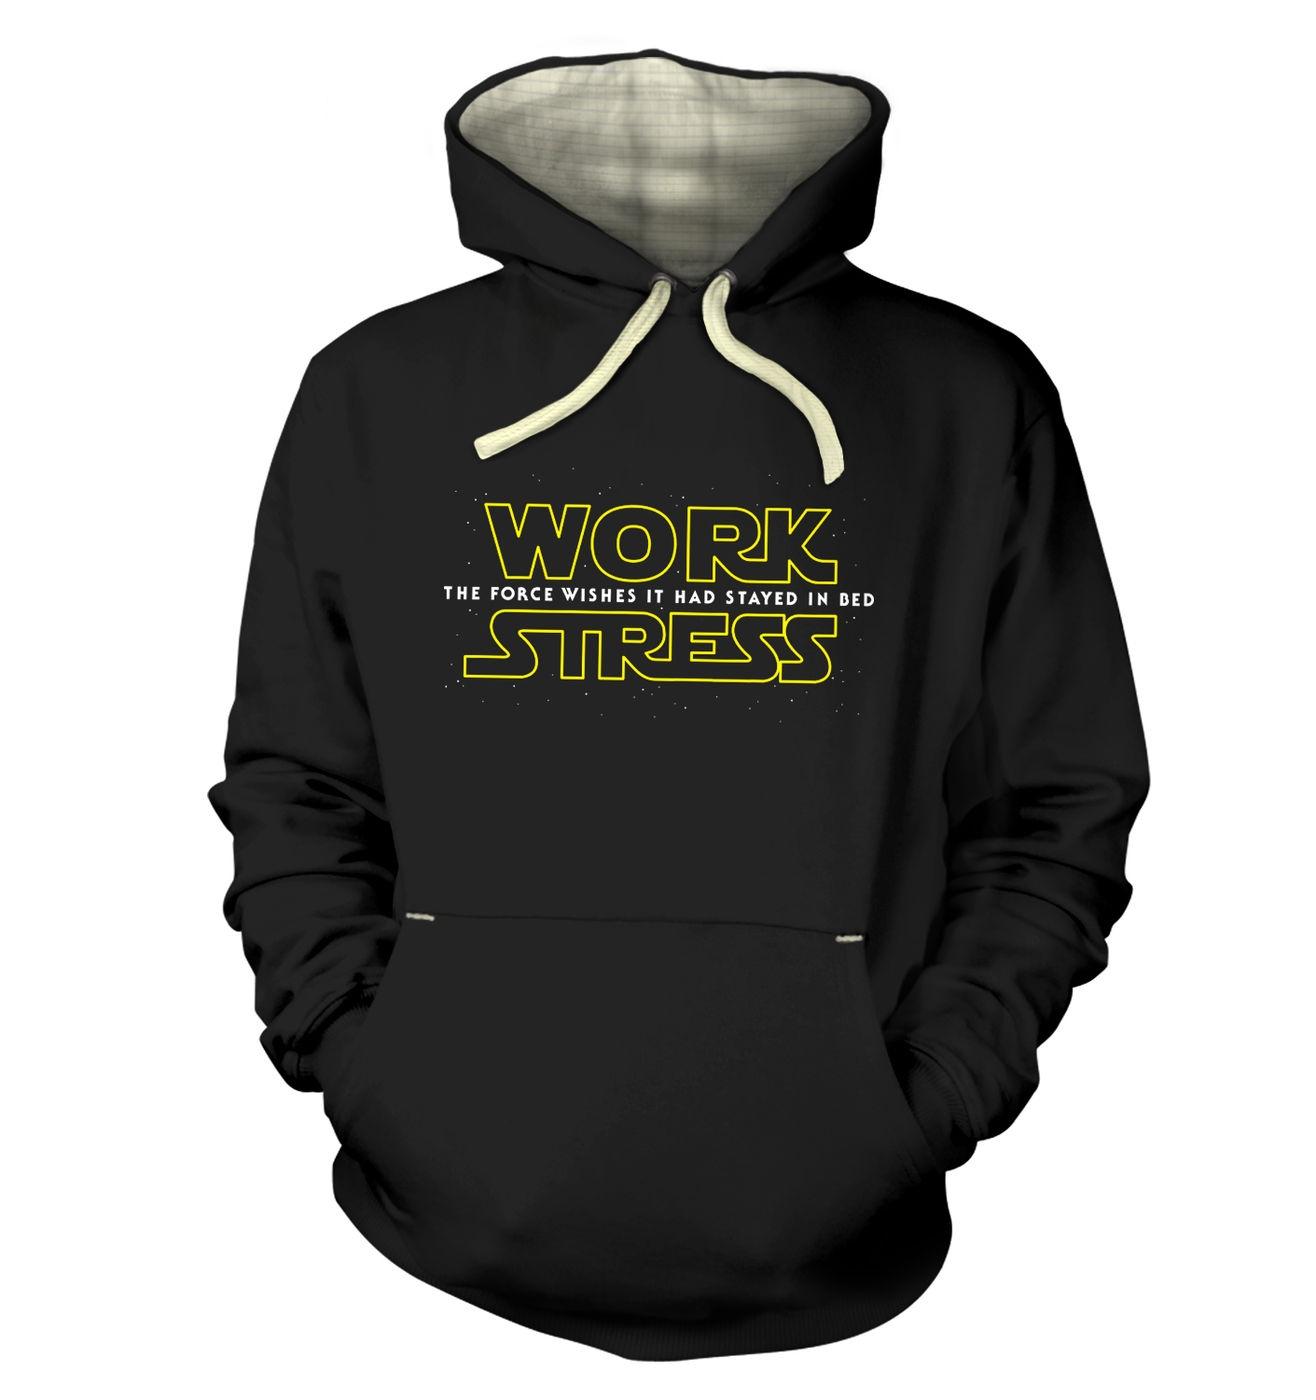 Work Stress premium hoodie - Star Wars The Force Awakens parody hoodie